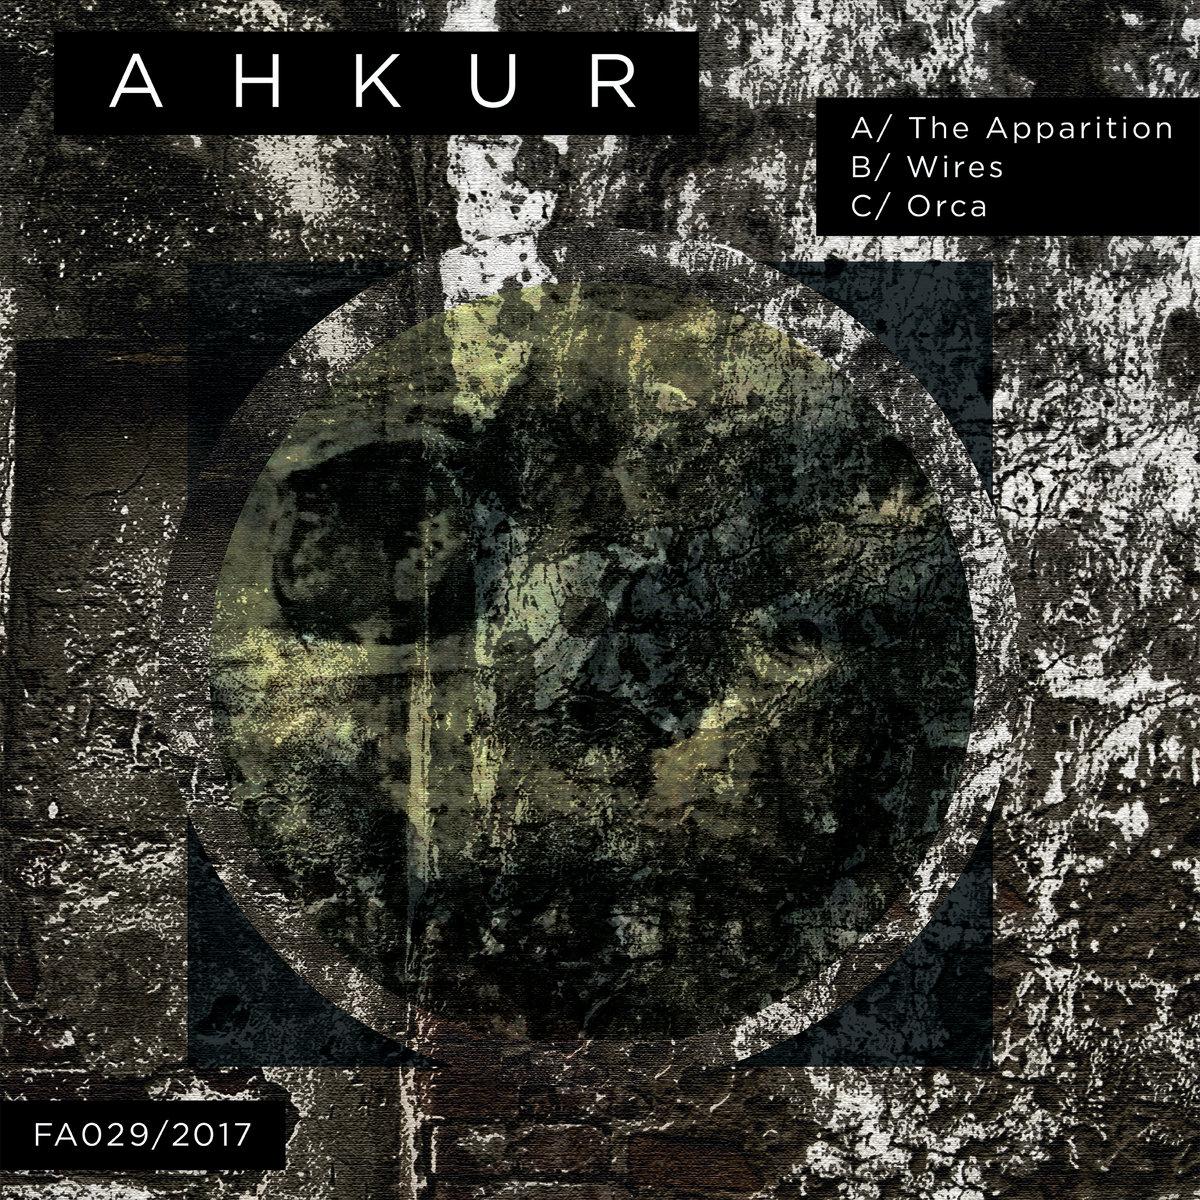 By Ahkur